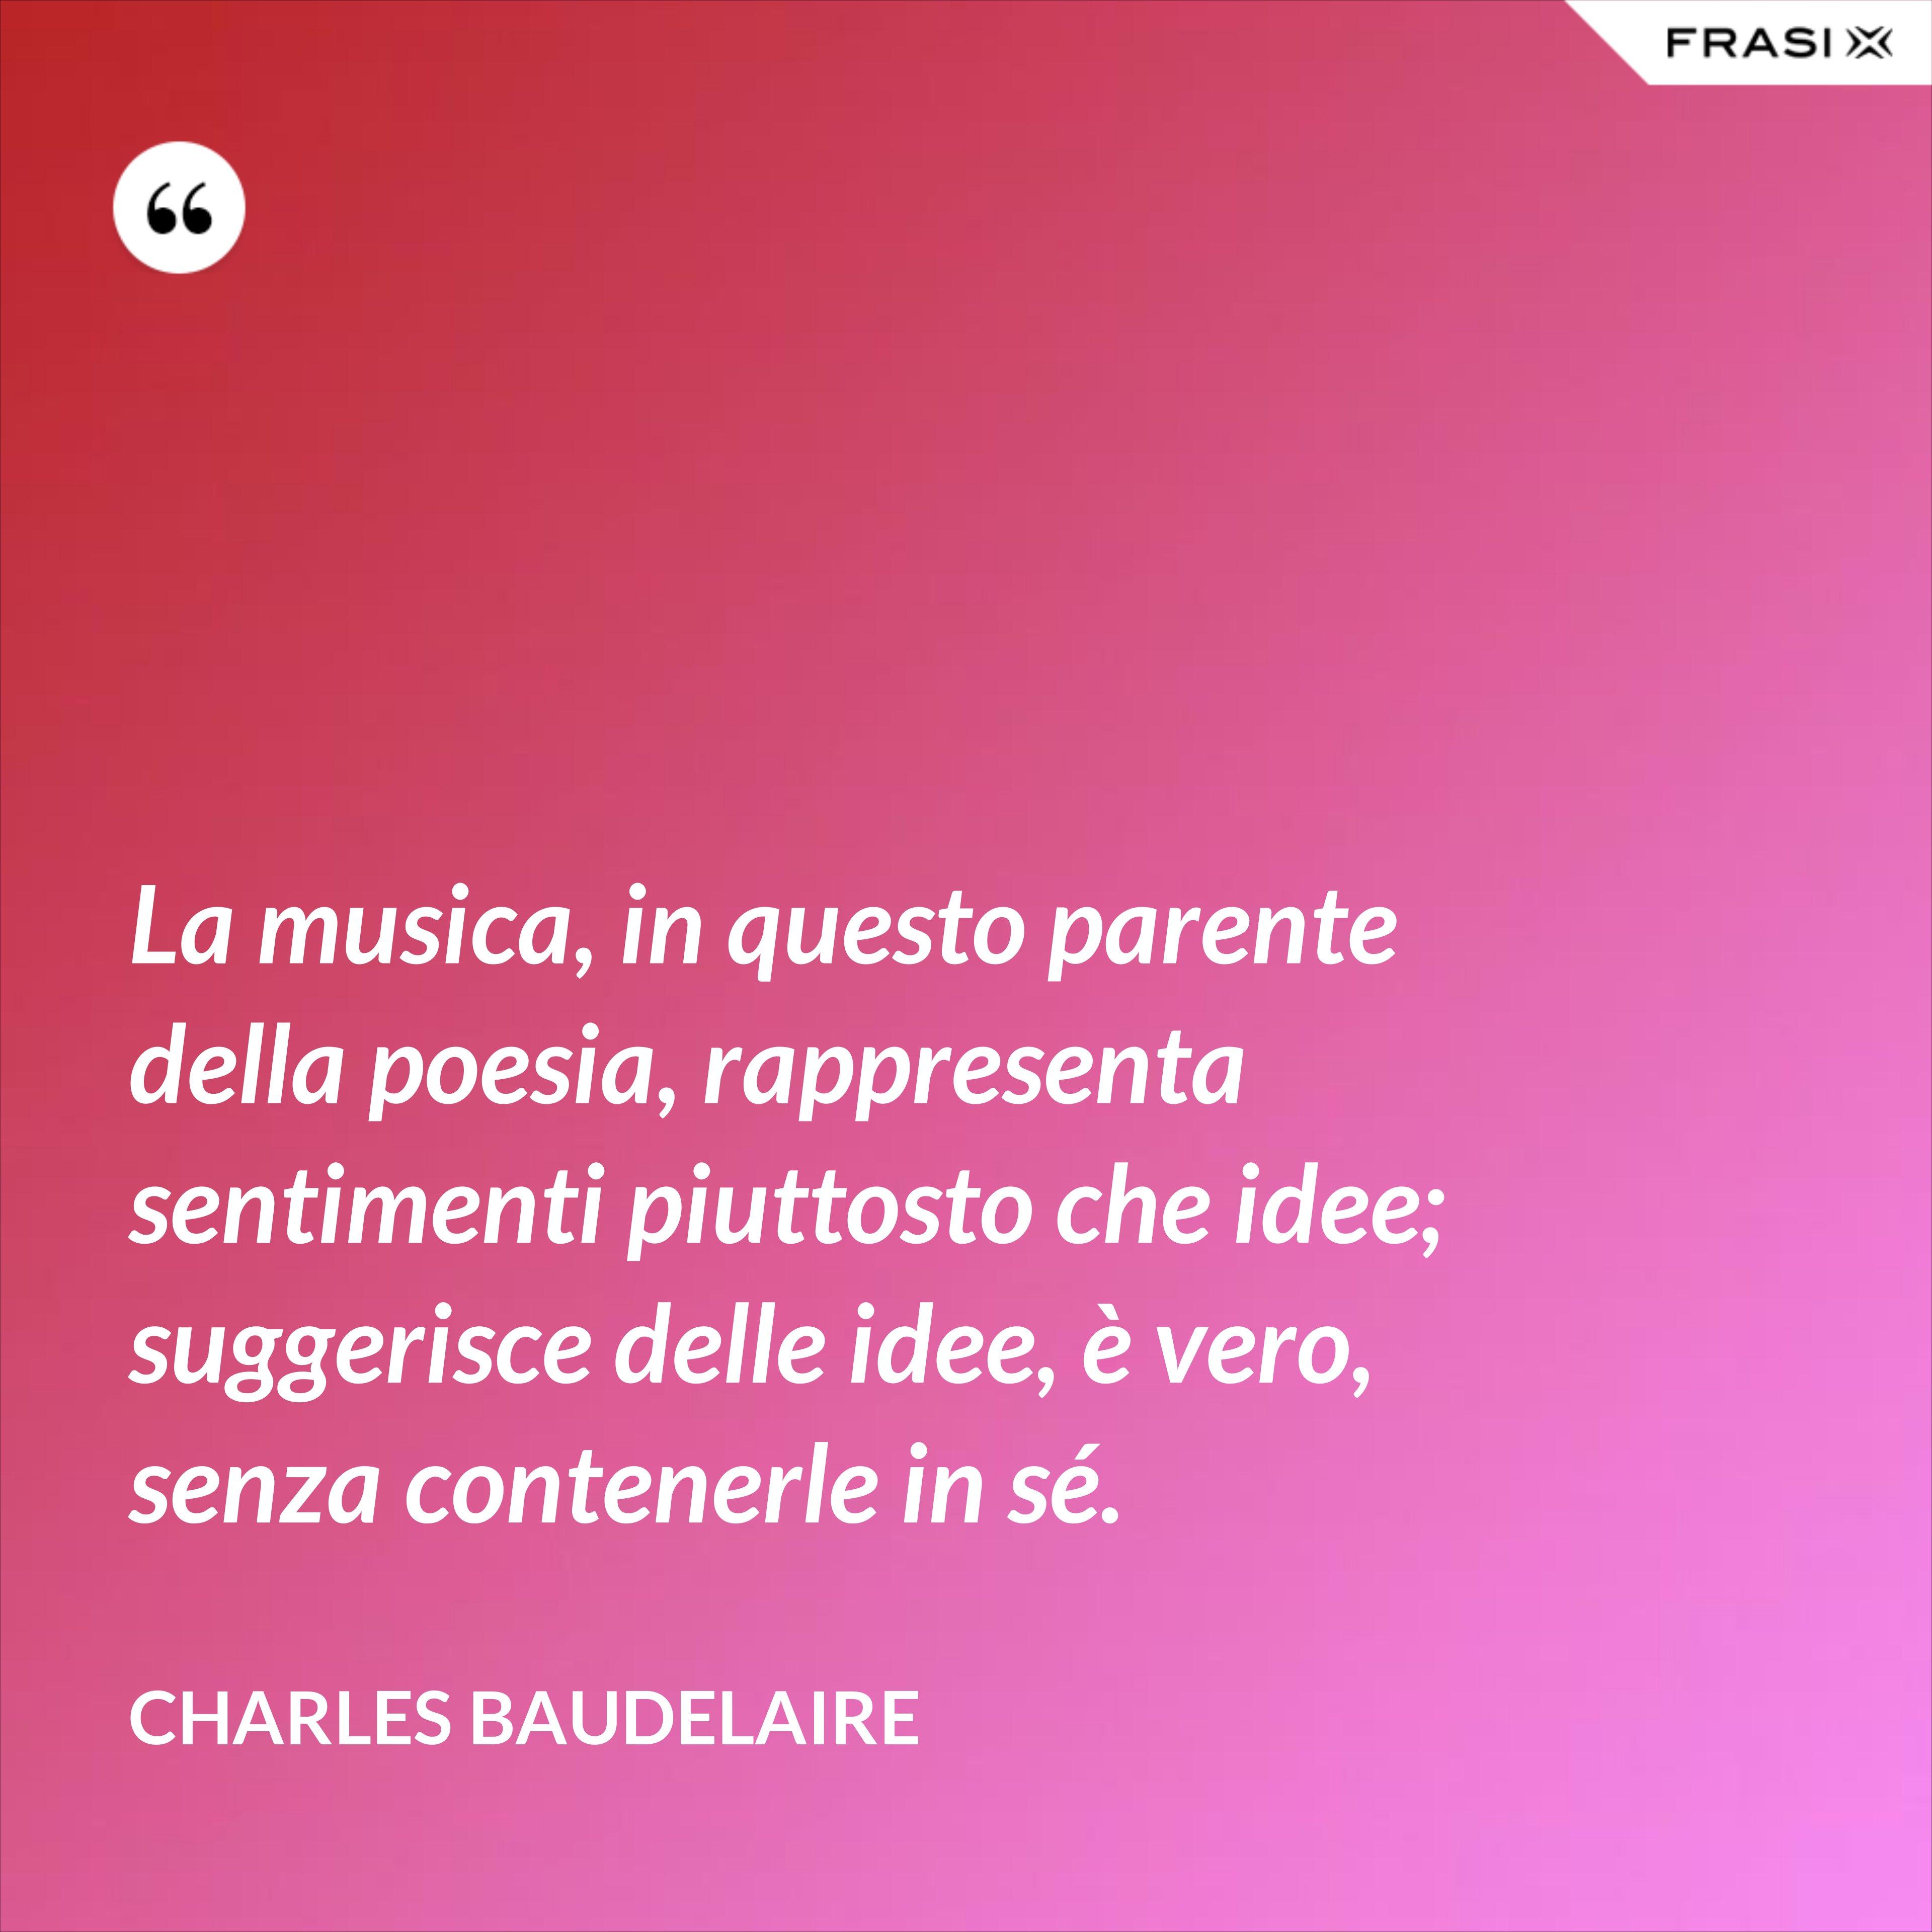 La musica, in questo parente della poesia, rappresenta sentimenti piuttosto che idee; suggerisce delle idee, è vero, senza contenerle in sé. - Charles Baudelaire